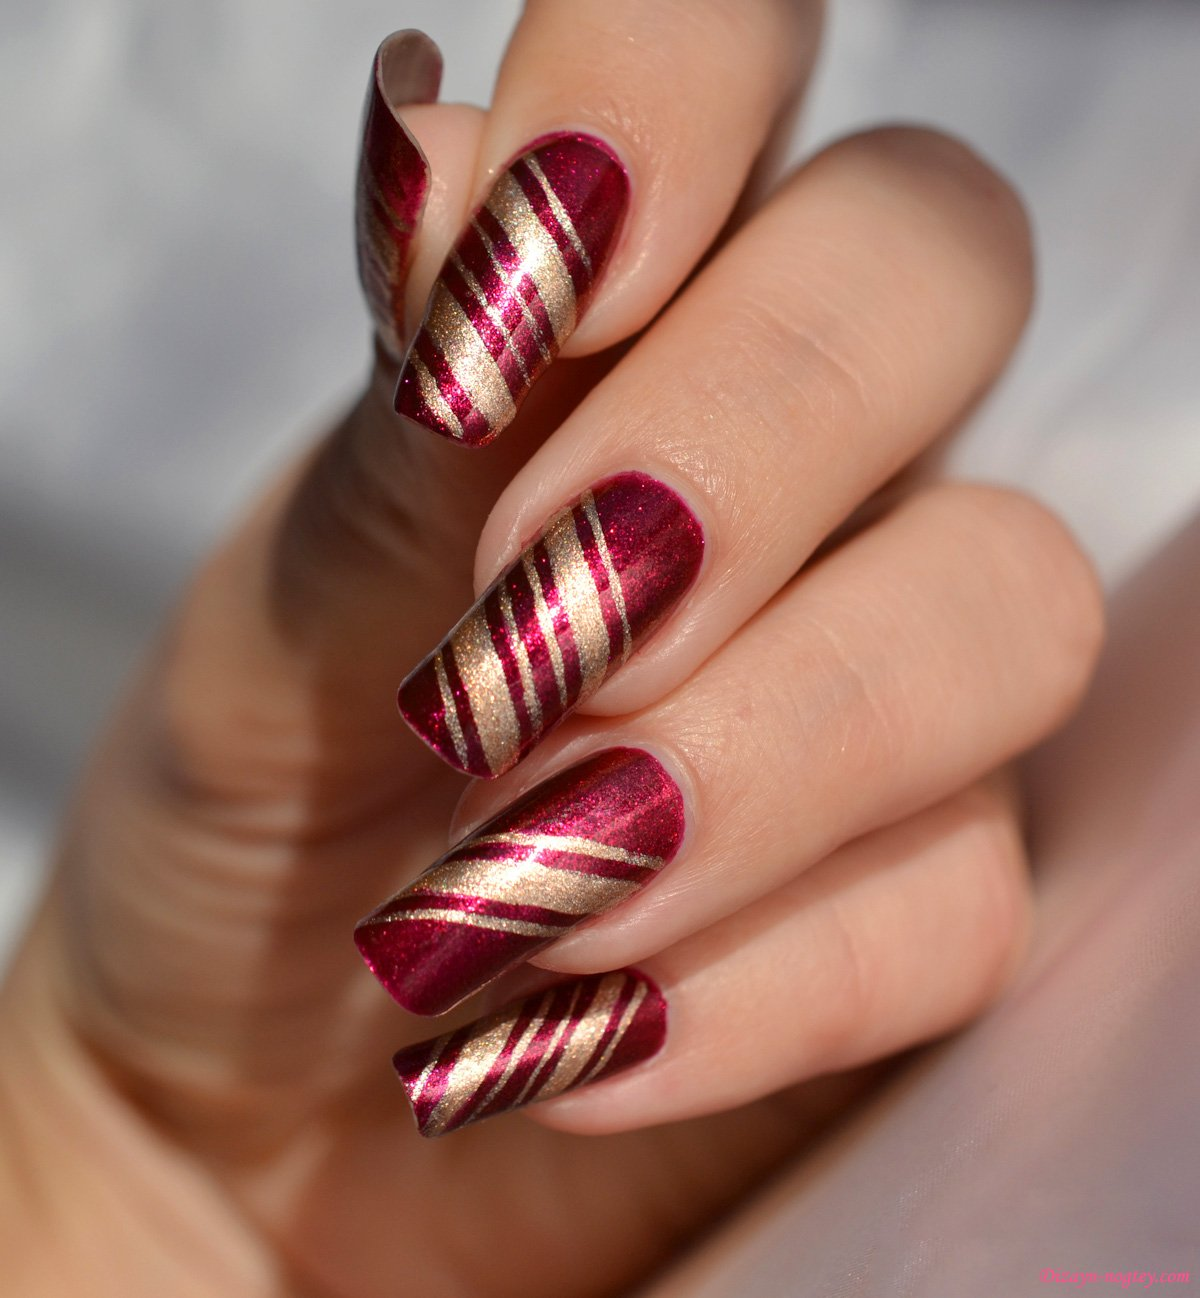 Дизайн новогодних нарощенных ногтей 2018 77